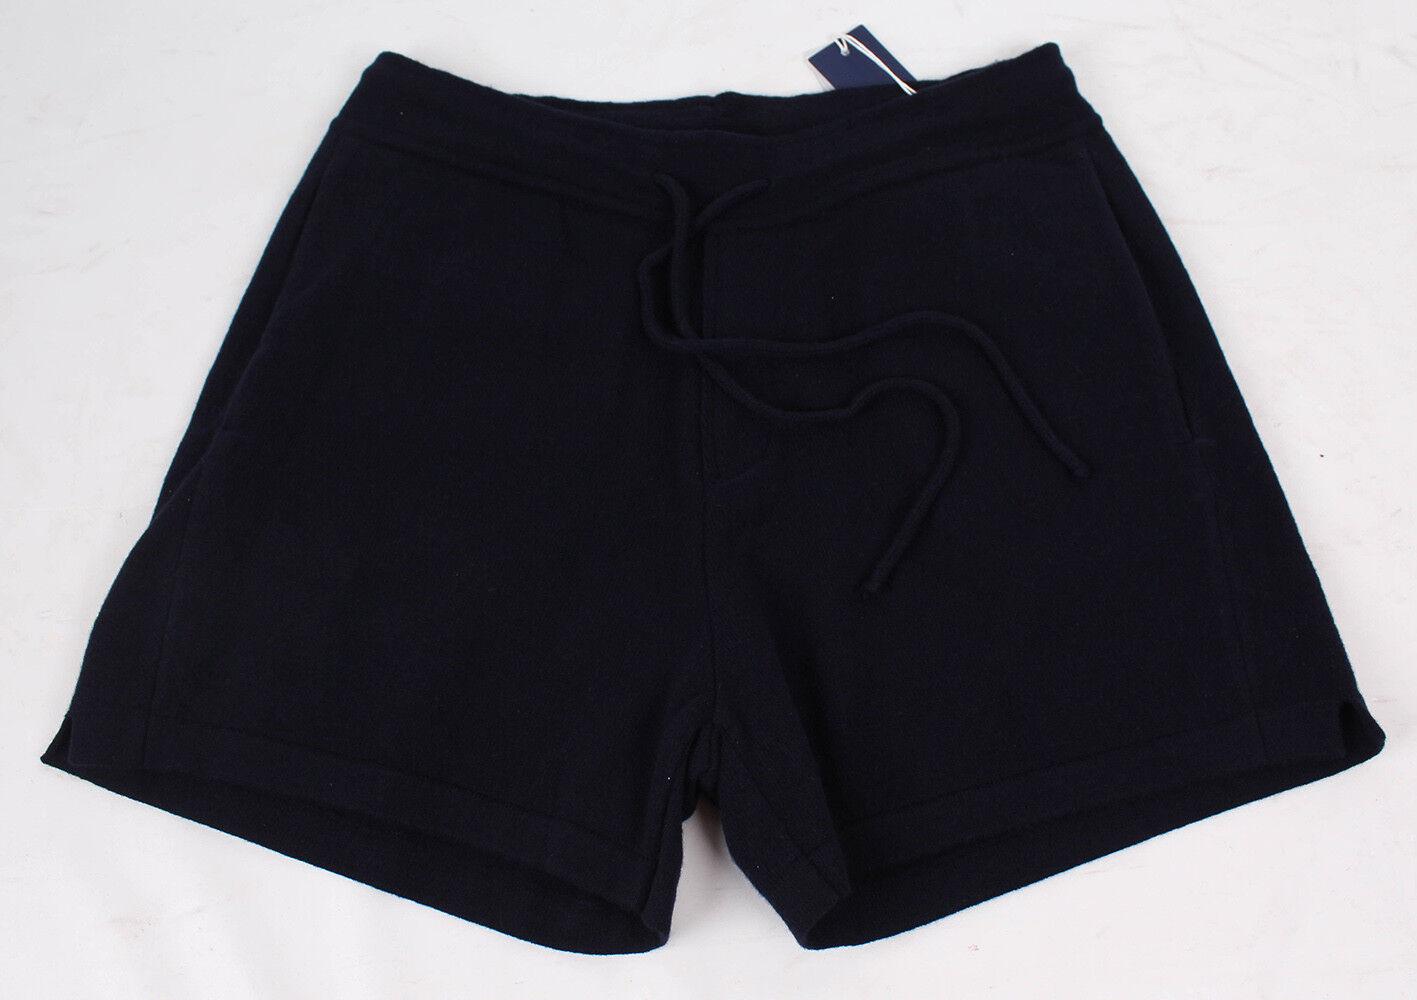 Falke Running women Shorts Dark NAVY S Pantaloni Corti Shorty